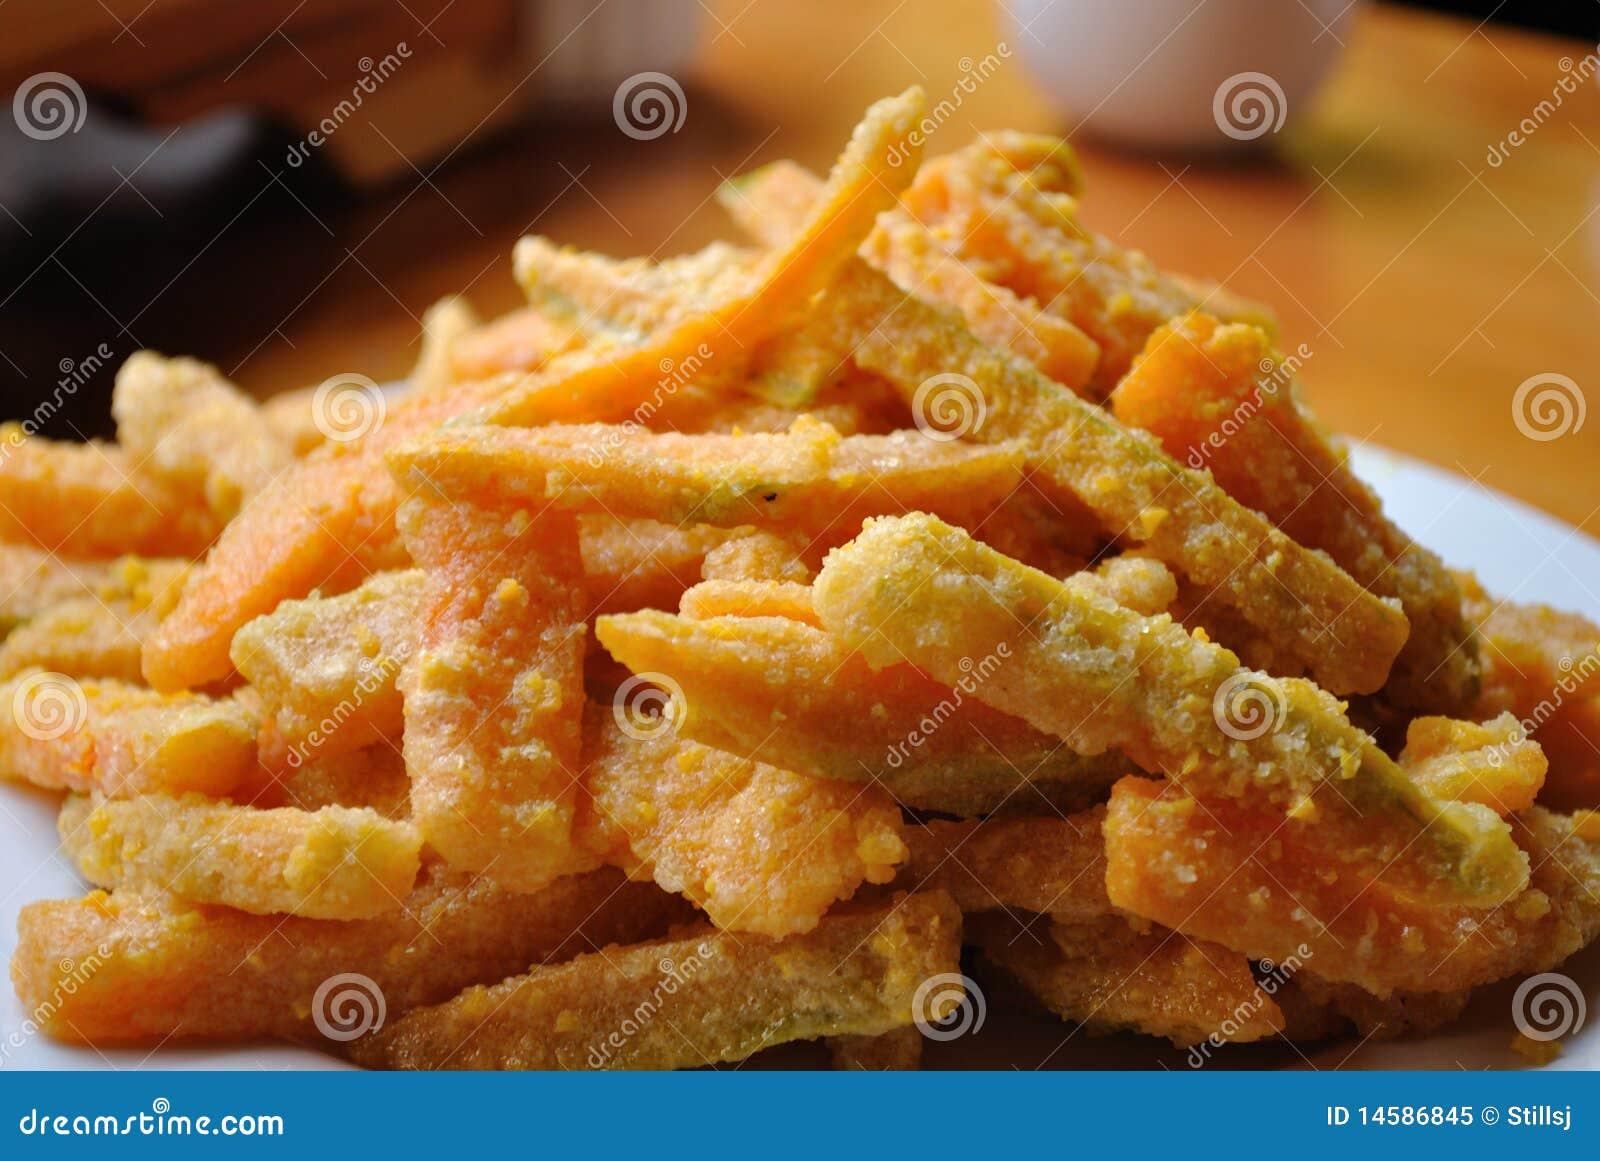 potiron frit avec le dessert sal 233 de jaune d oeuf photo libre de droits image 14586845